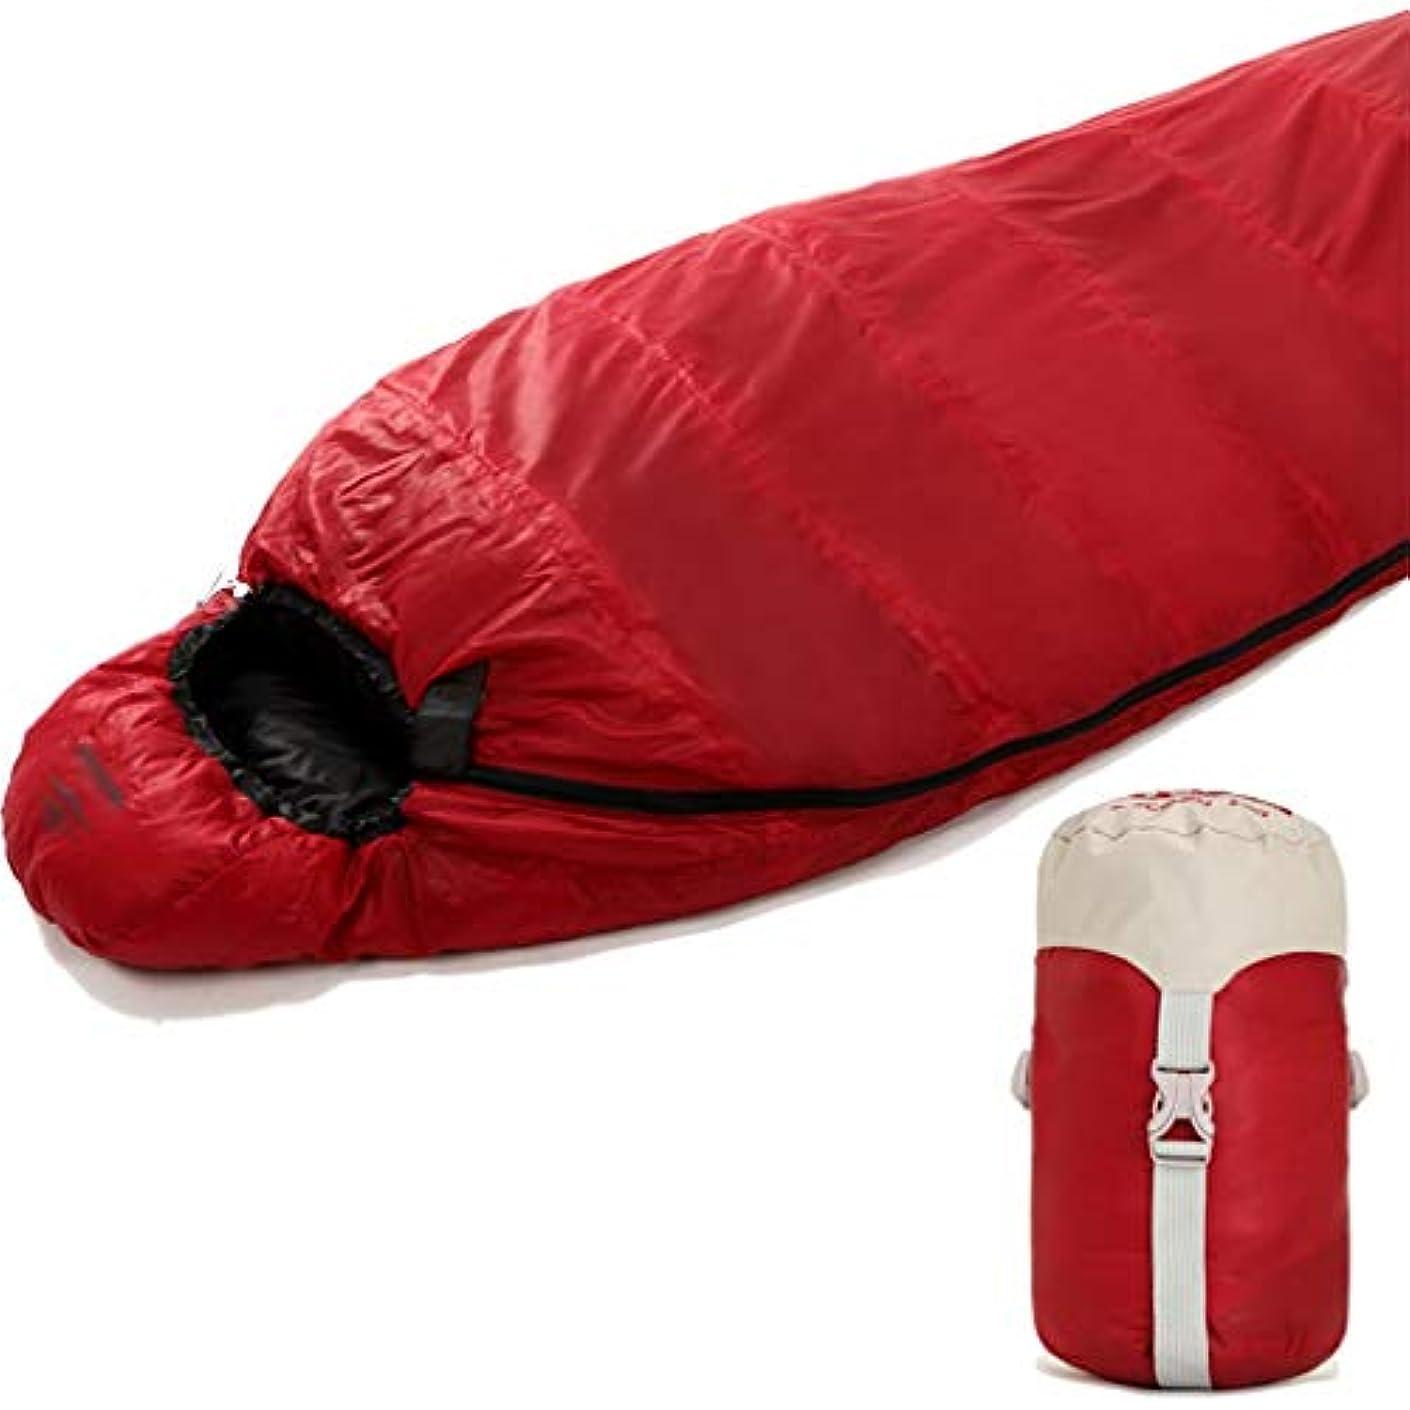 安息染色劇場YLIAN 寝袋 大人通気性軽量0度寝袋ダックダウン200GSM防水寝袋バックパッキング暖かいキャンプバッグ家族旅行アウトドアハイキング (Color : Red)